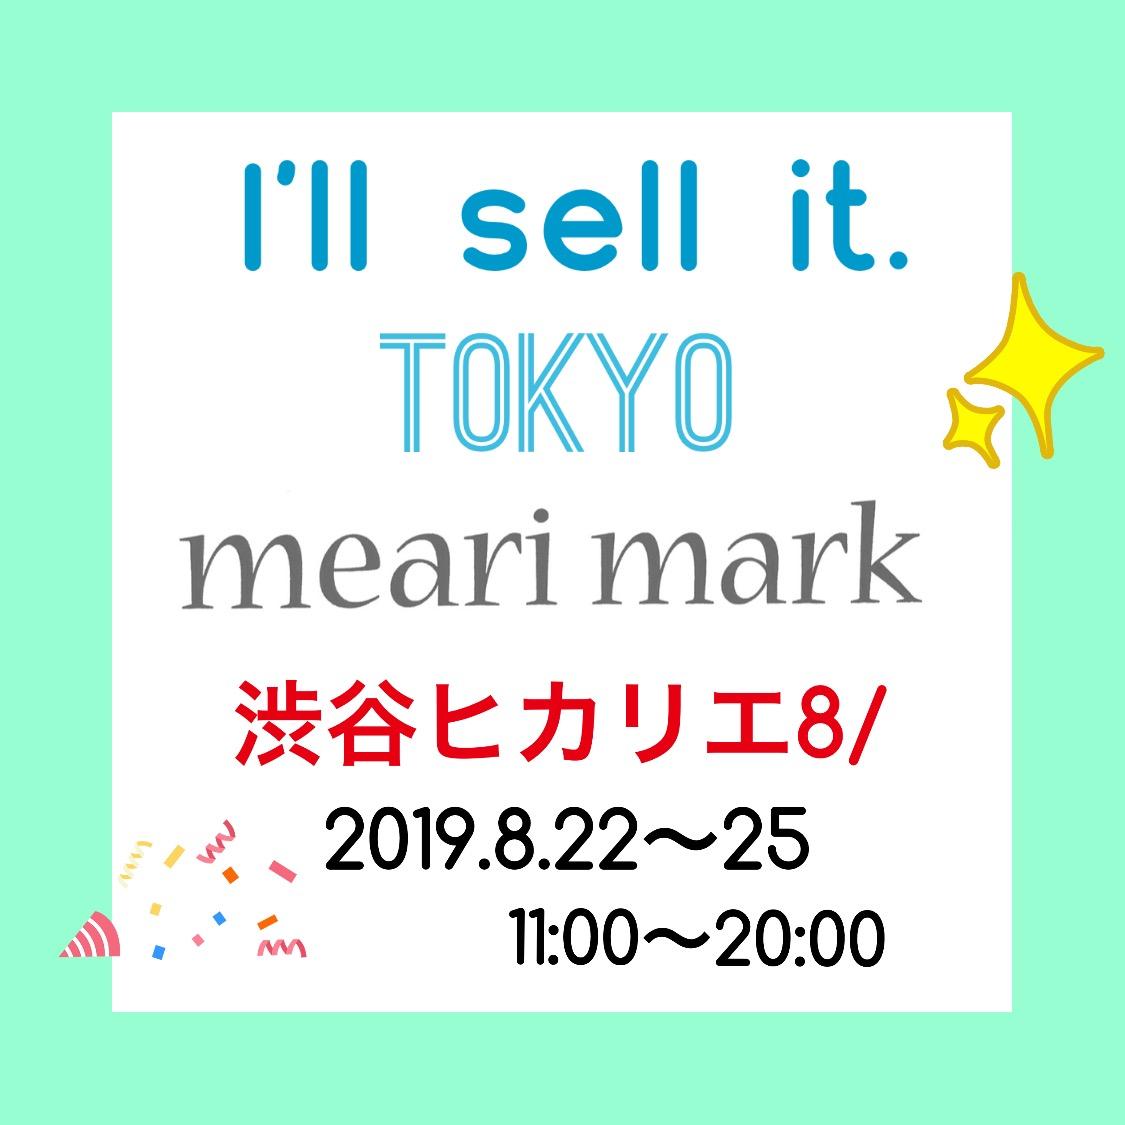 東京・渋谷ヒカリエ8/ 販売会出店いたします。